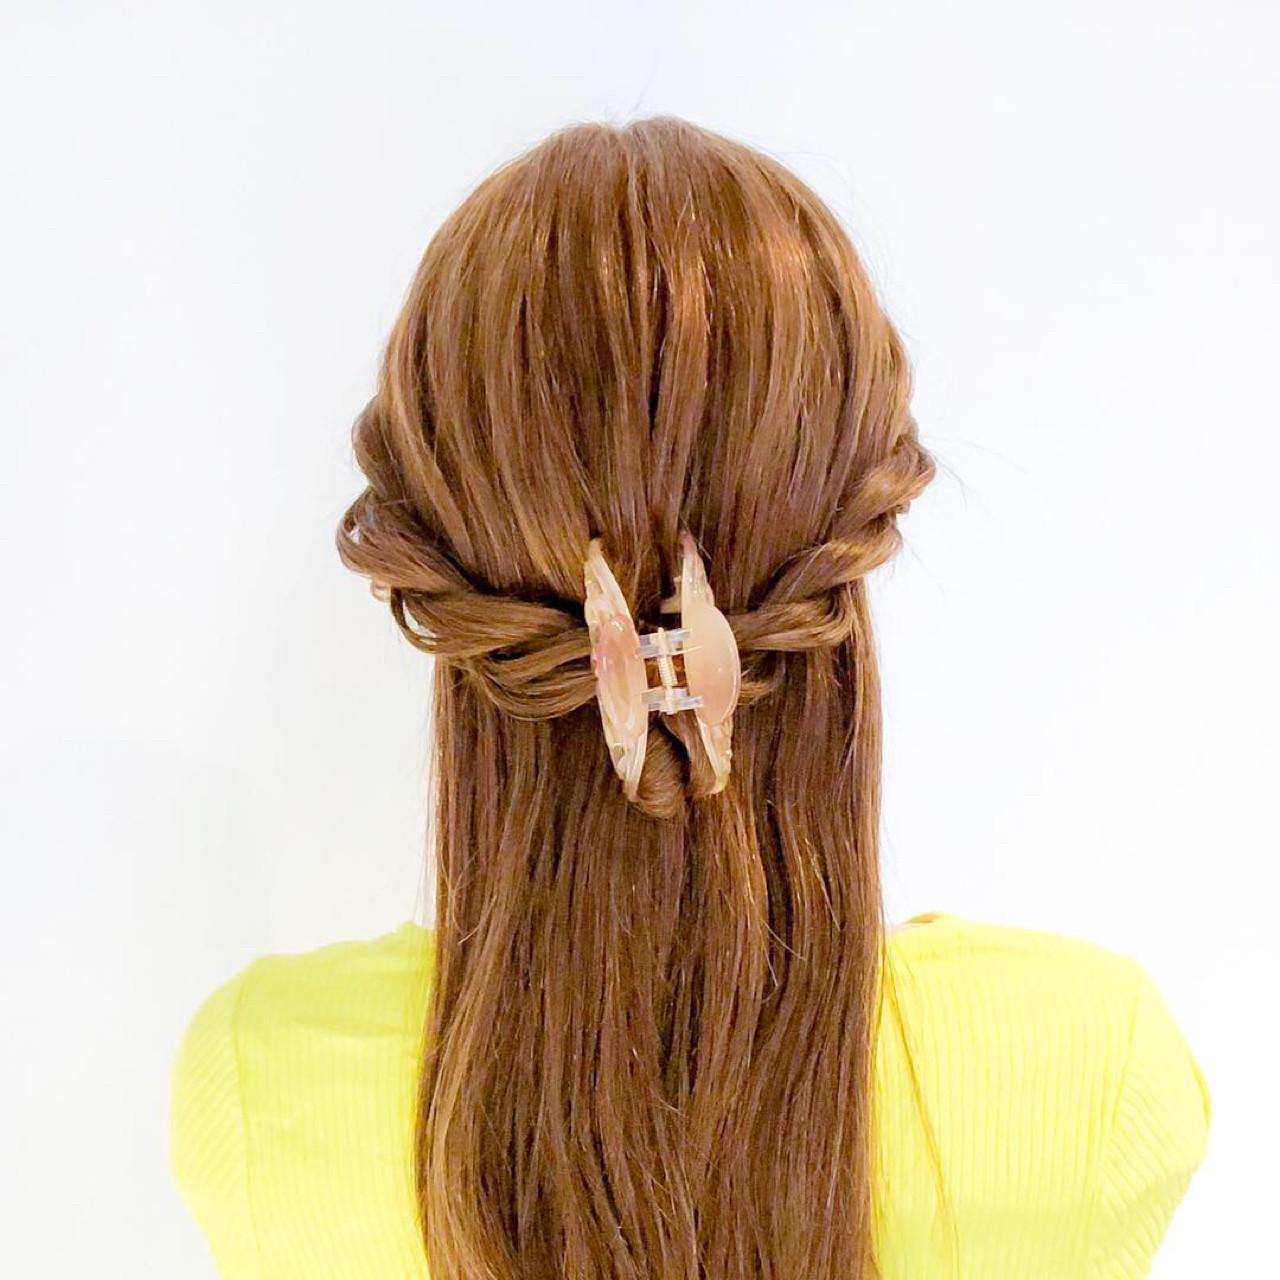 ロング ヘアクリップ 簡単ヘアアレンジ ショート ヘアスタイルや髪型の写真・画像